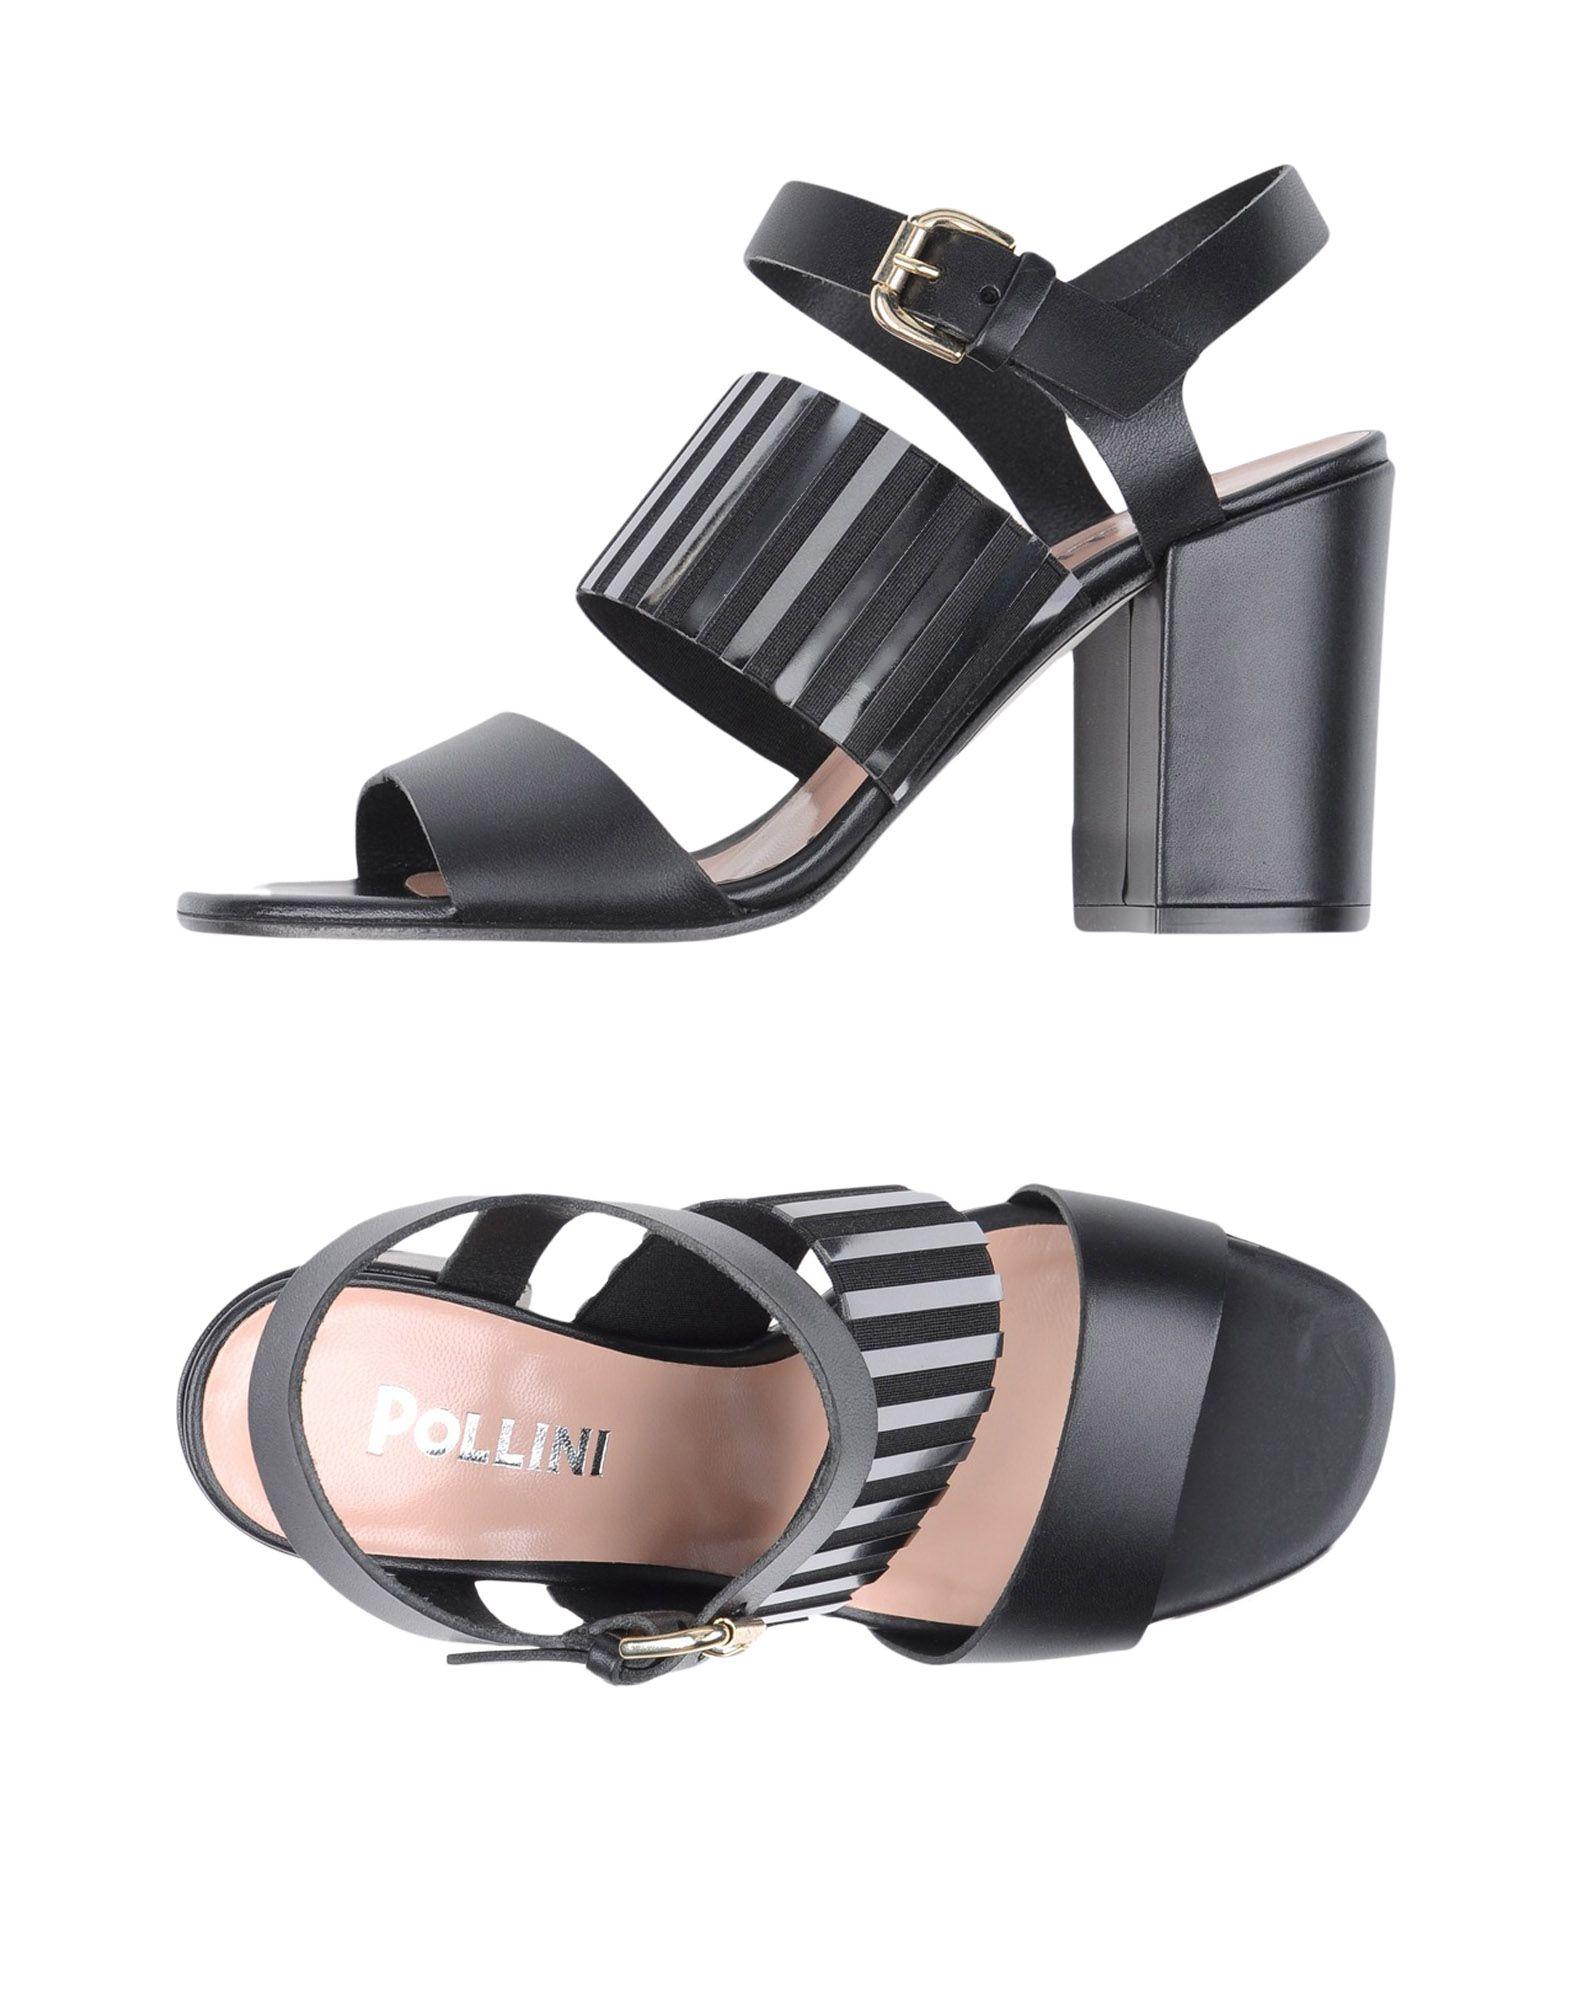 POLLINI Damen Sandale Farbe Schwarz Größe 9